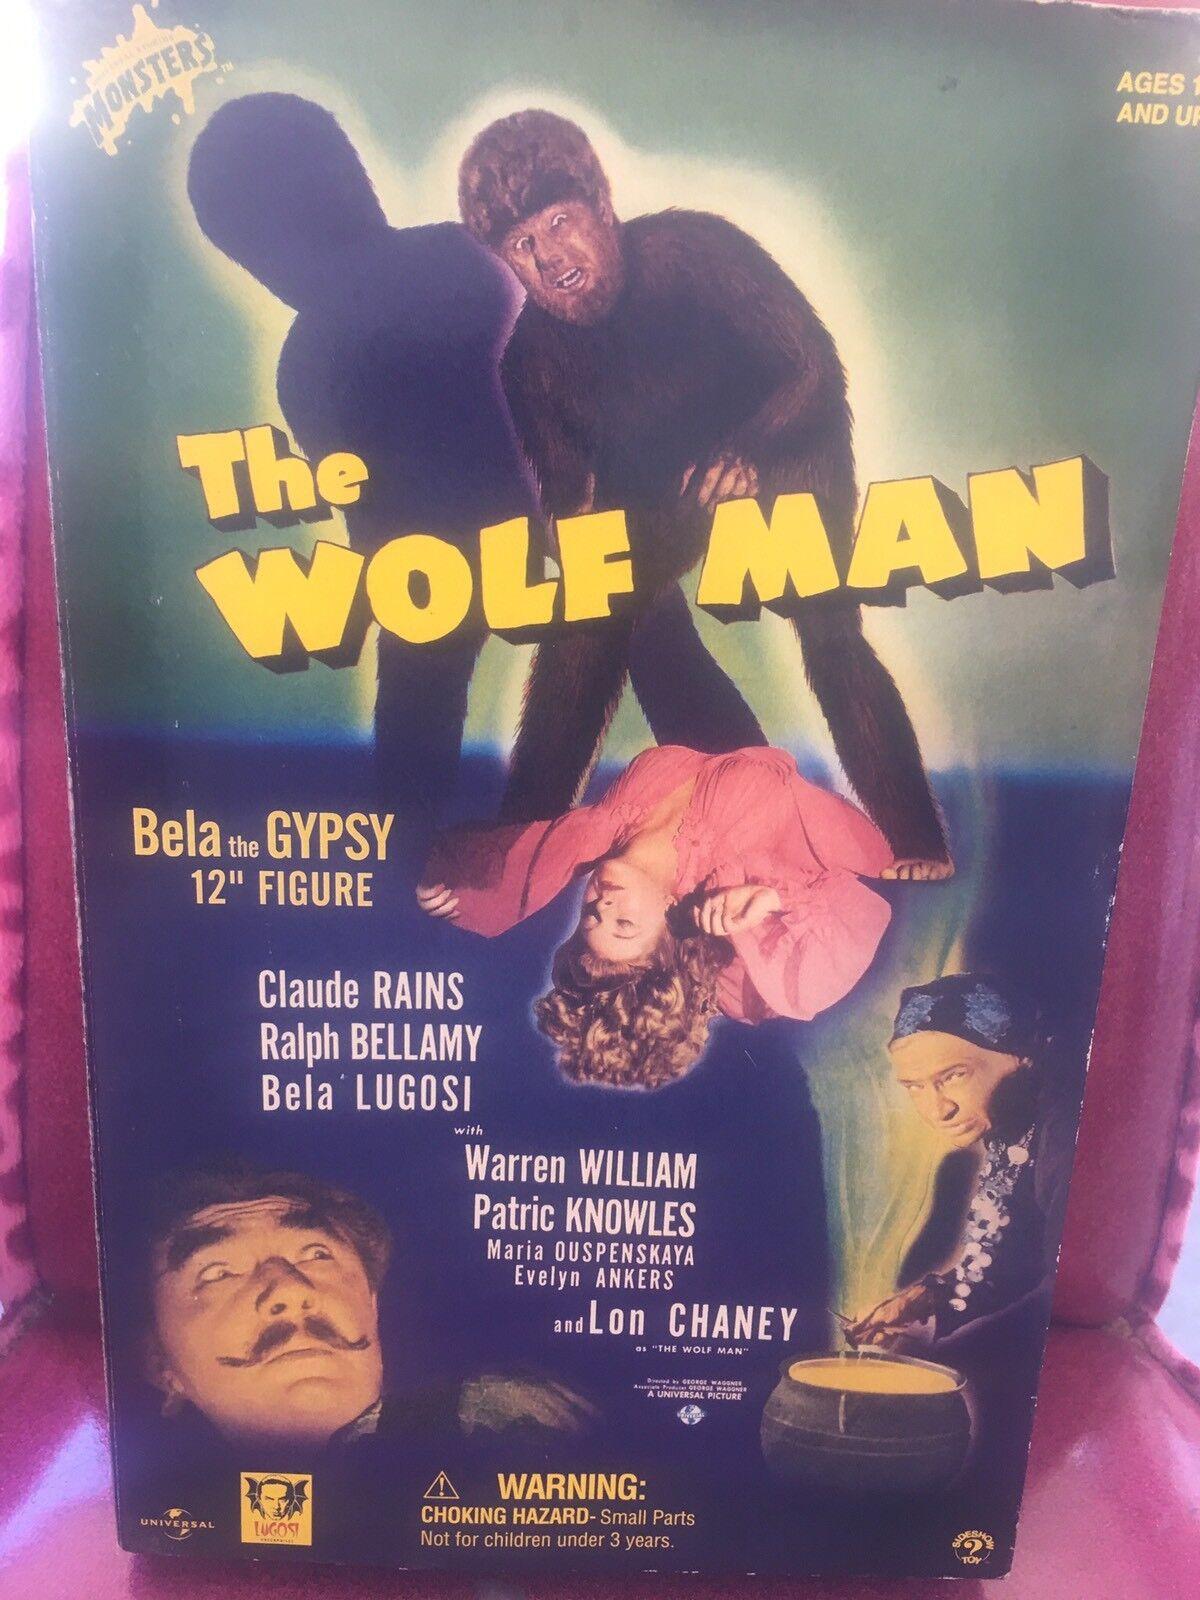 El Lobo Bela Lugosi 12 1/6 Acción Figura Muñeca Sideshow Bela el gitano nunca quitado de la caja